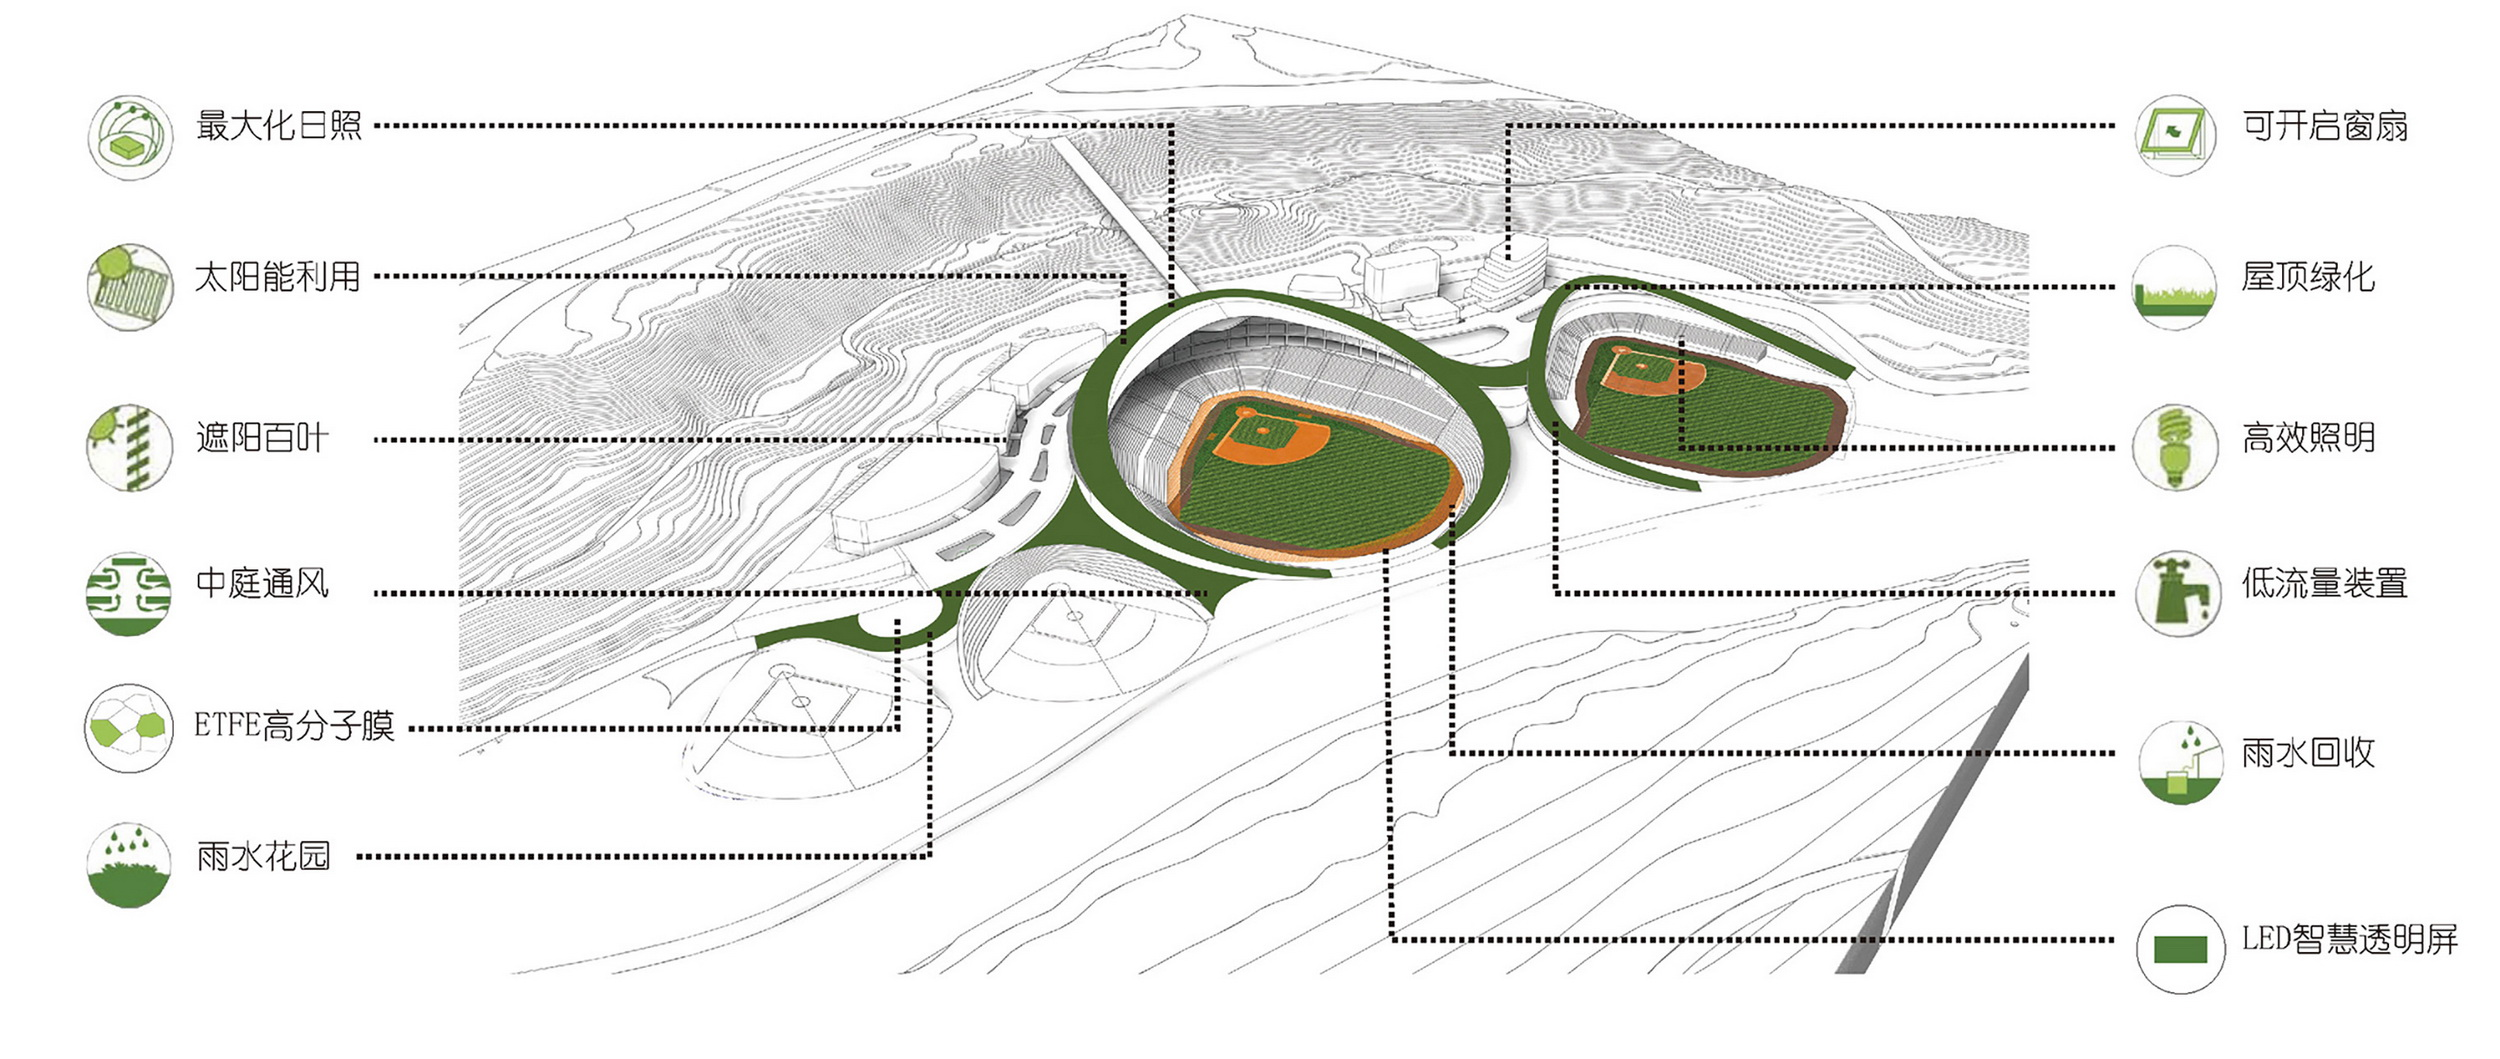 绿建分析_调整大小.jpg